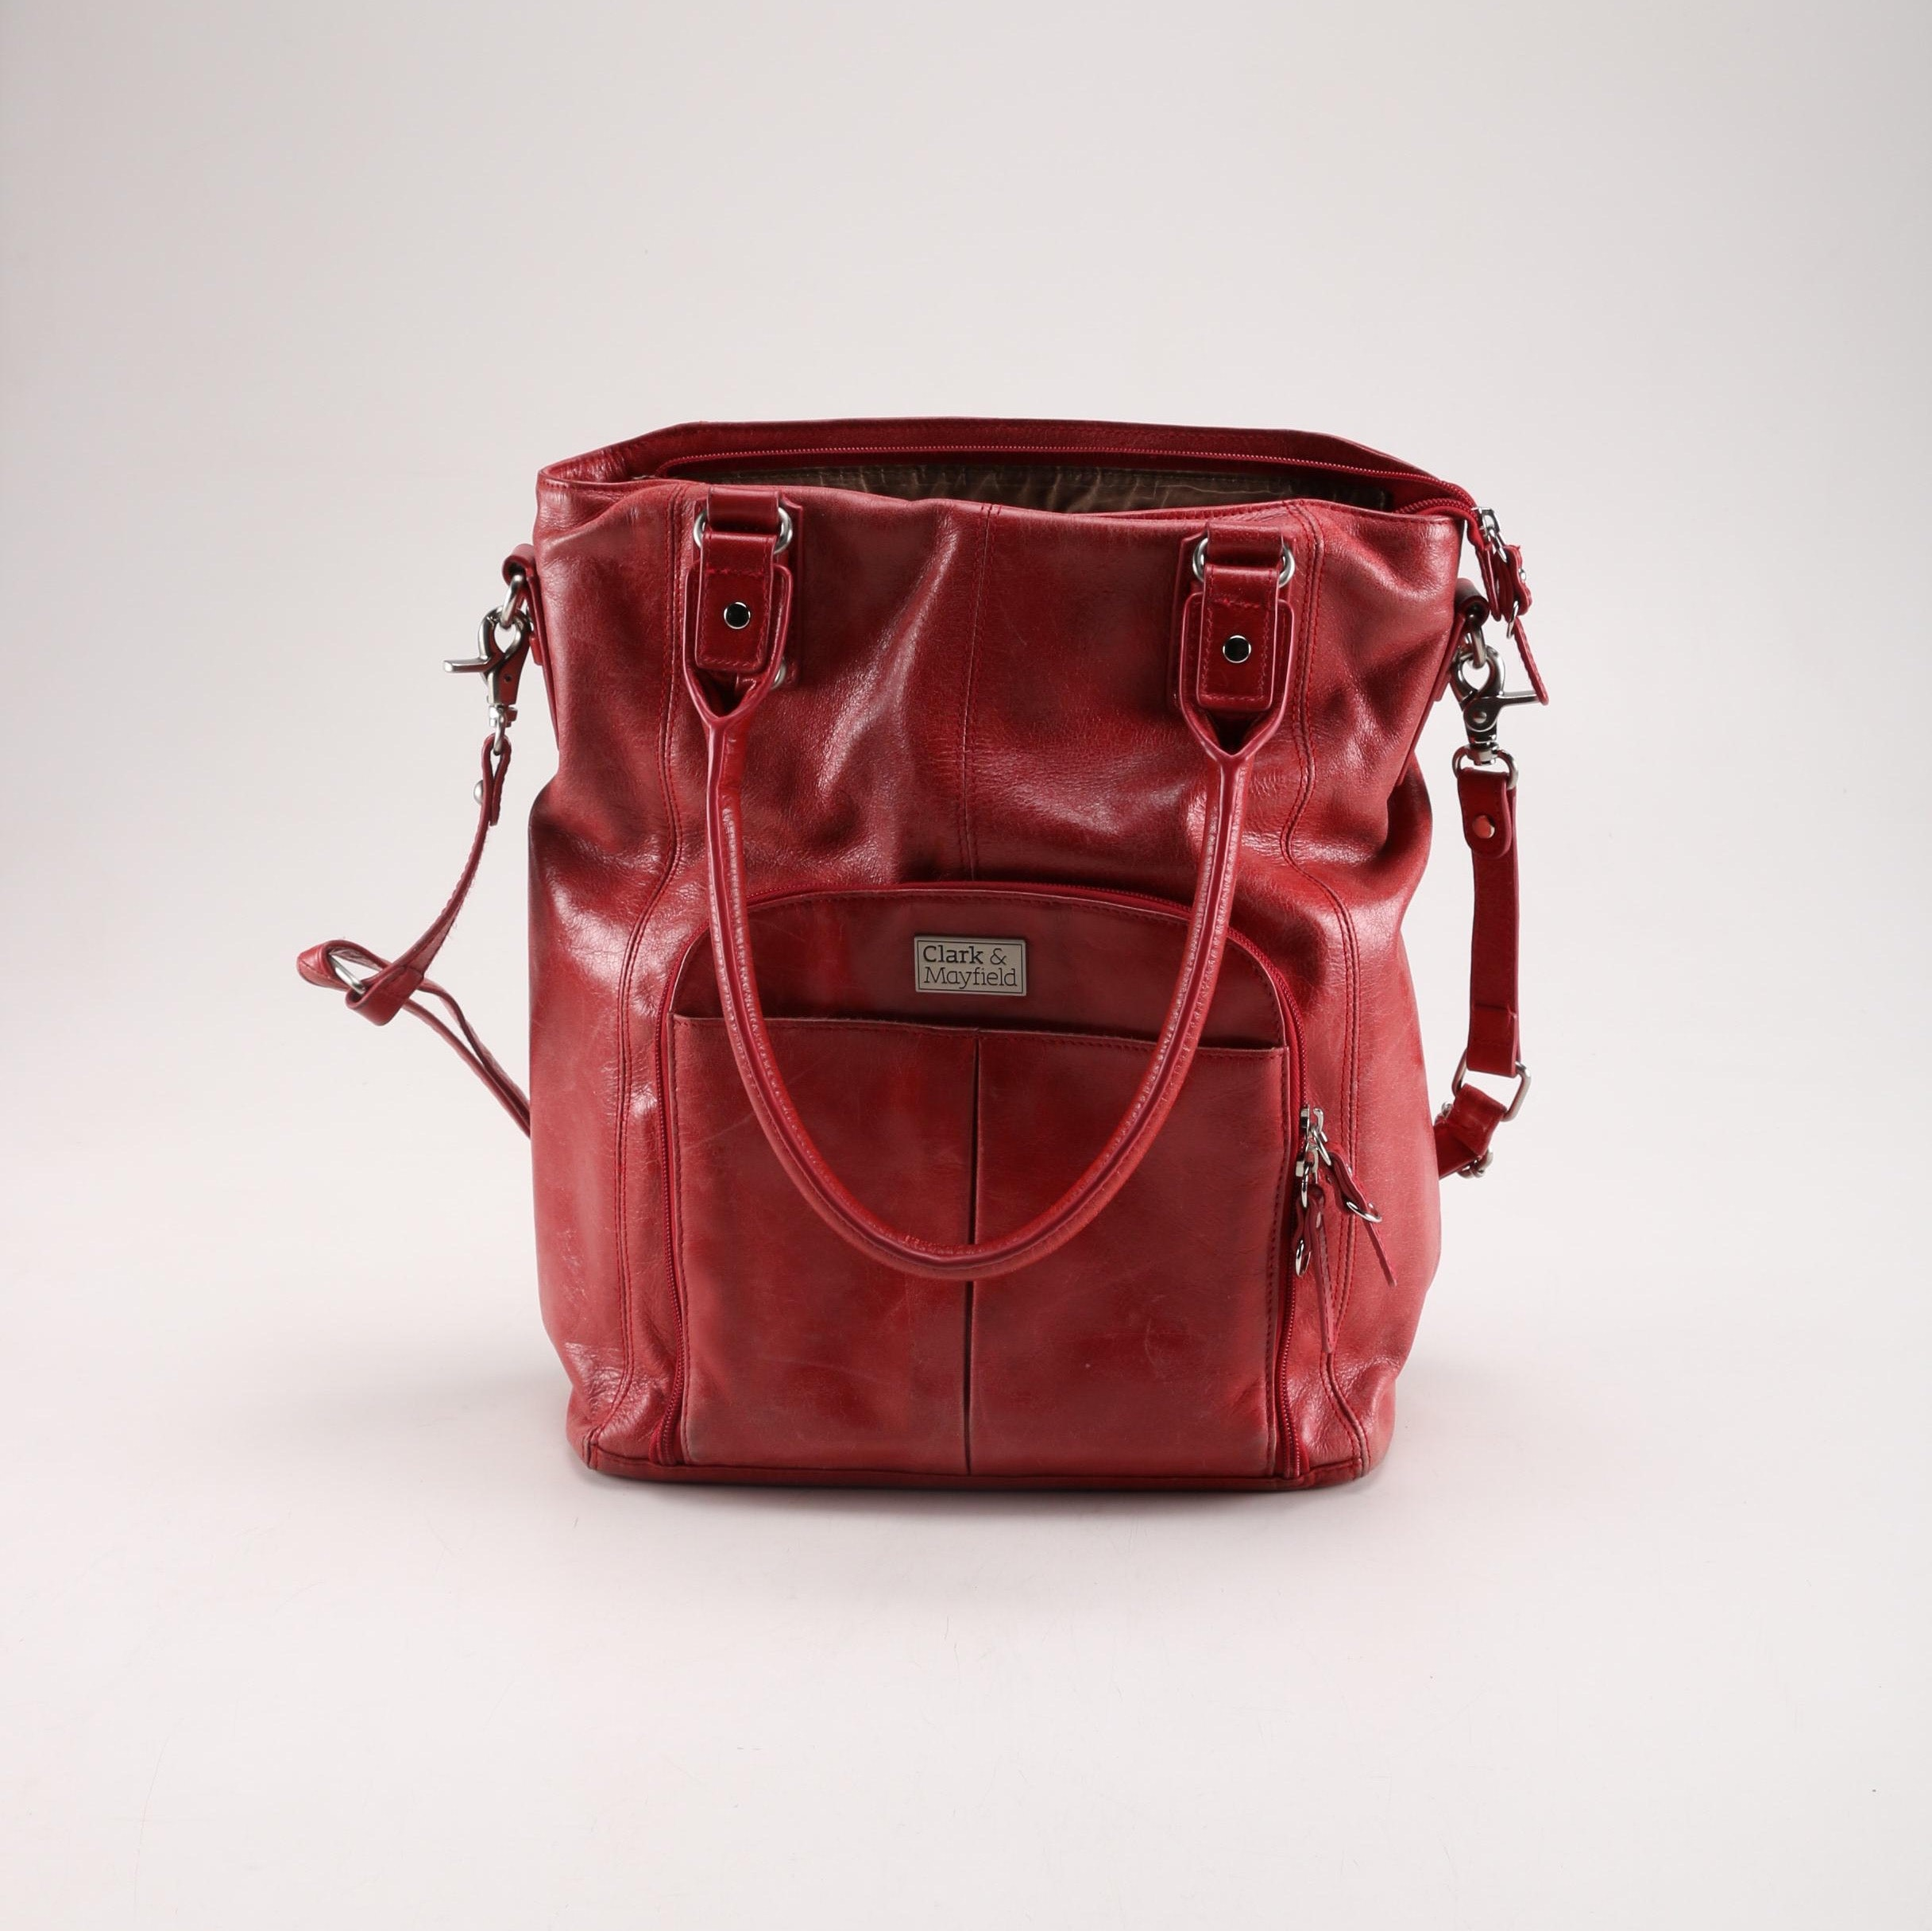 Clark & Mayfield Red Handbag